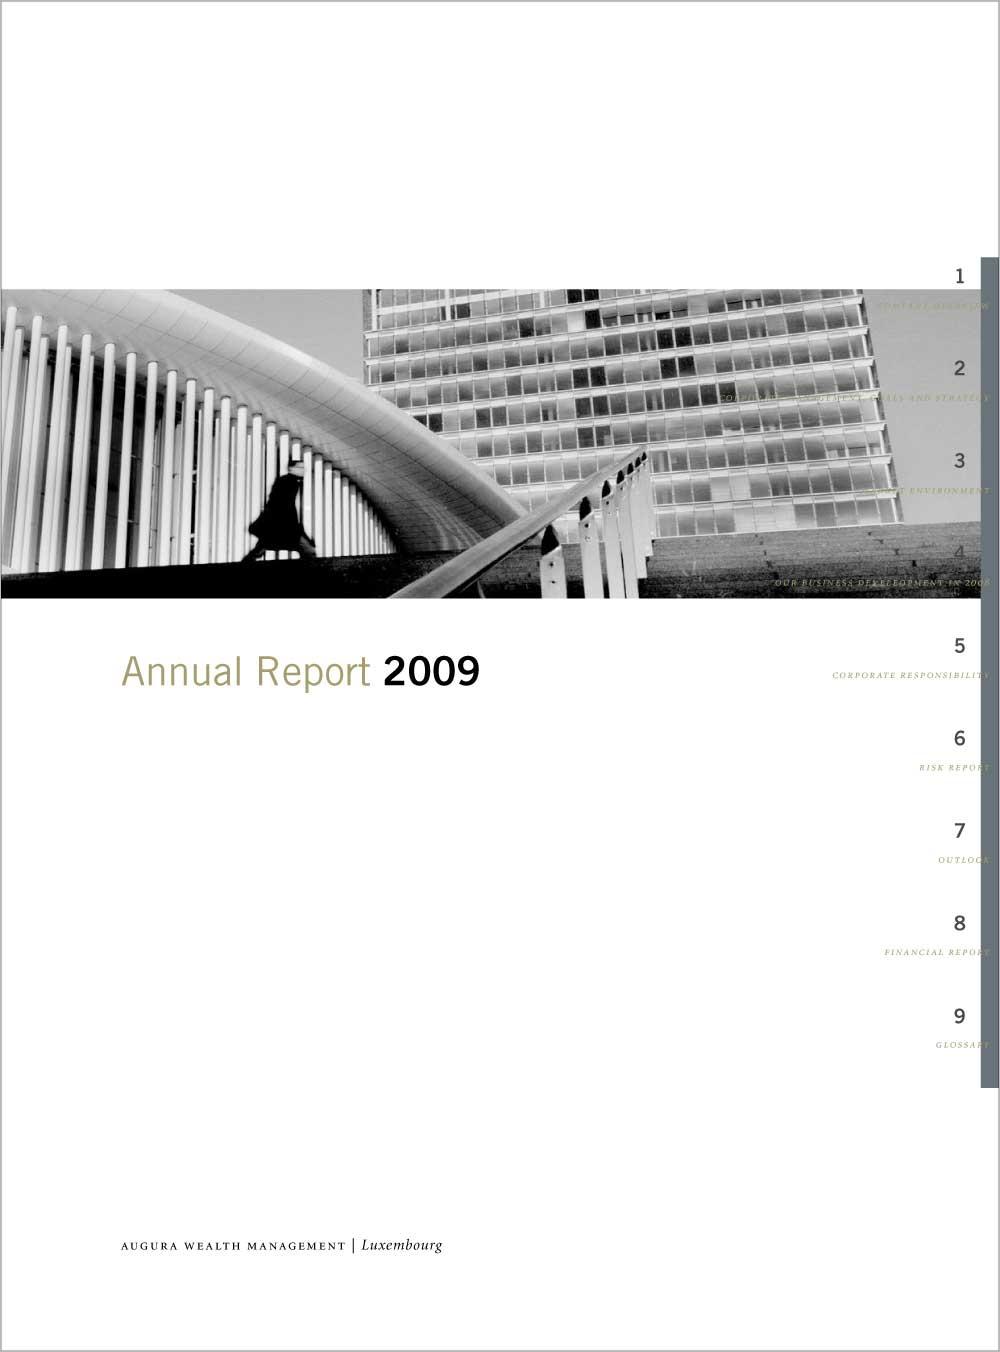 J. C. Flowers & Company, Titelseite, NPG Geschäftsbericht, 2009.